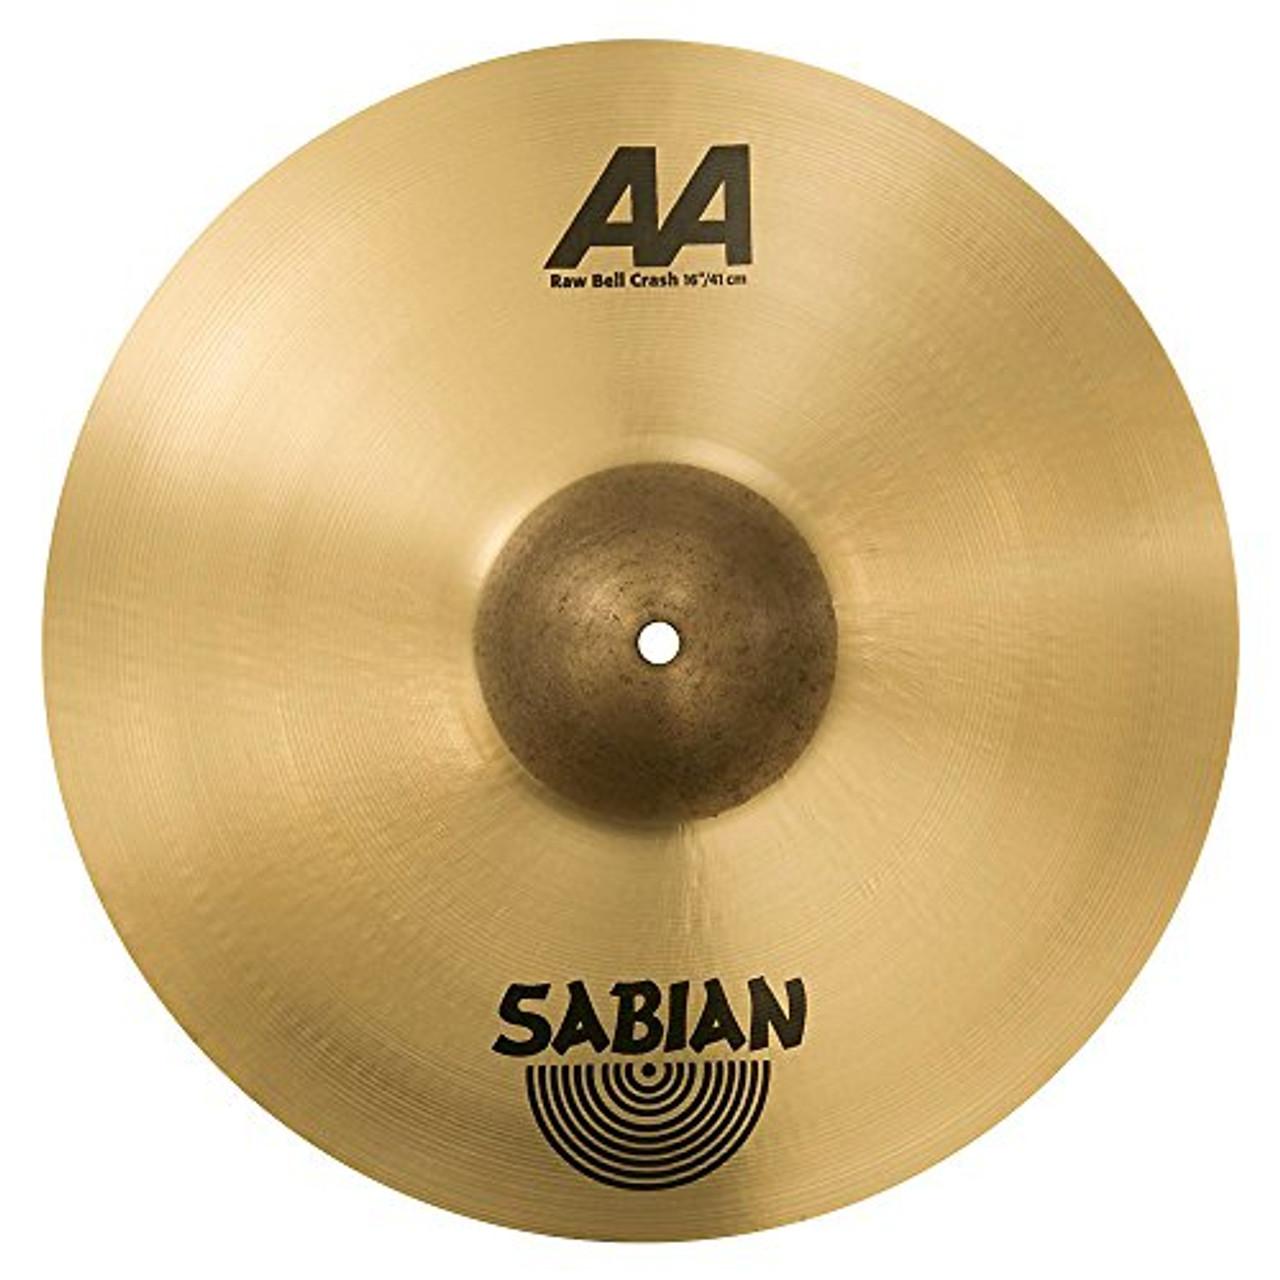 """Sabian 16"""" RAW BELL CRASH AA"""